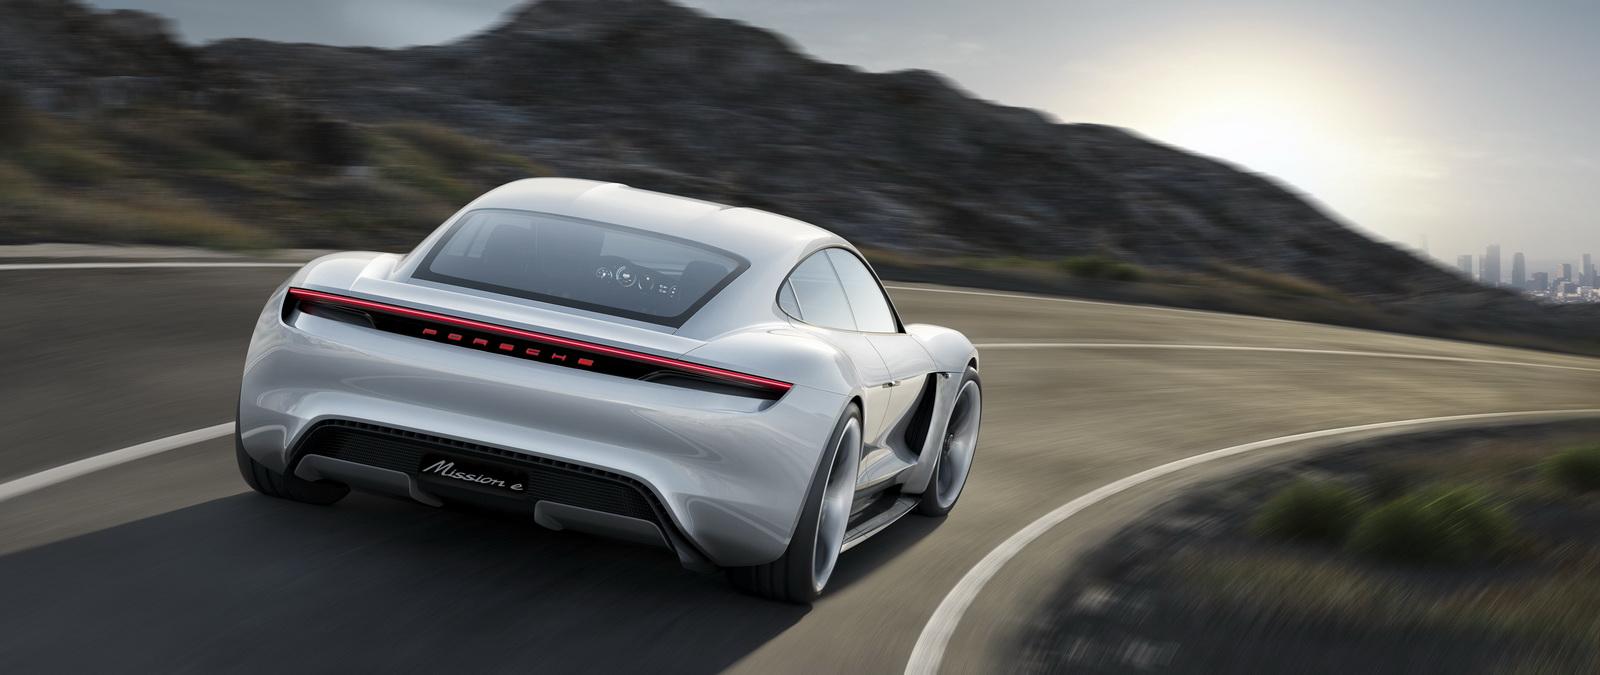 2015-PorscheMissionE-03